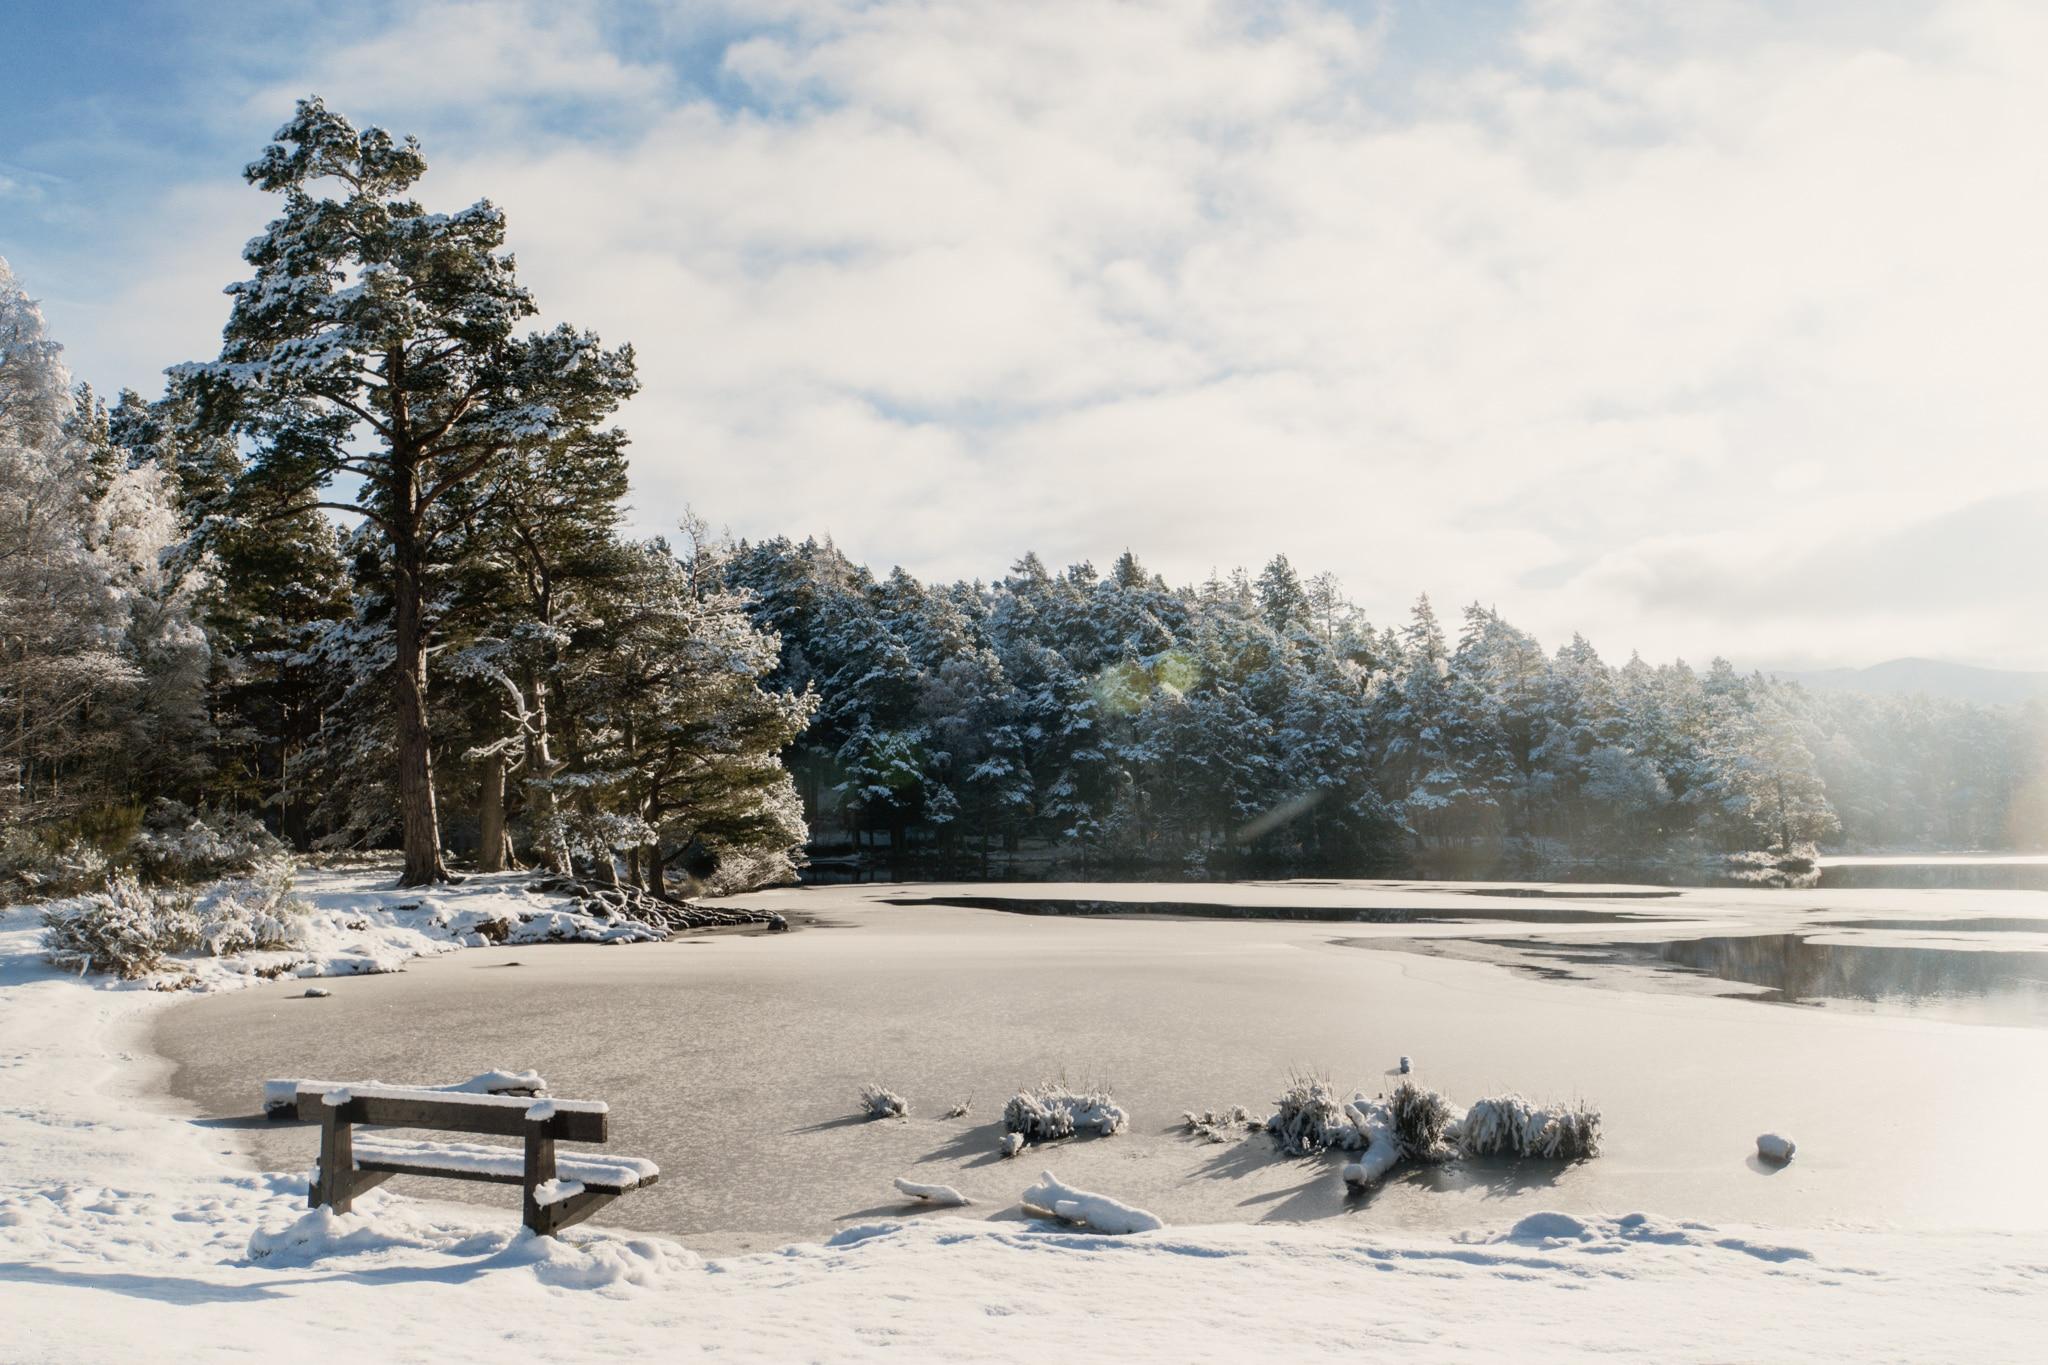 Cairngorms Nationalpark: Die SnowRoads Scenic Route in den Highlands - Loch An Eilein